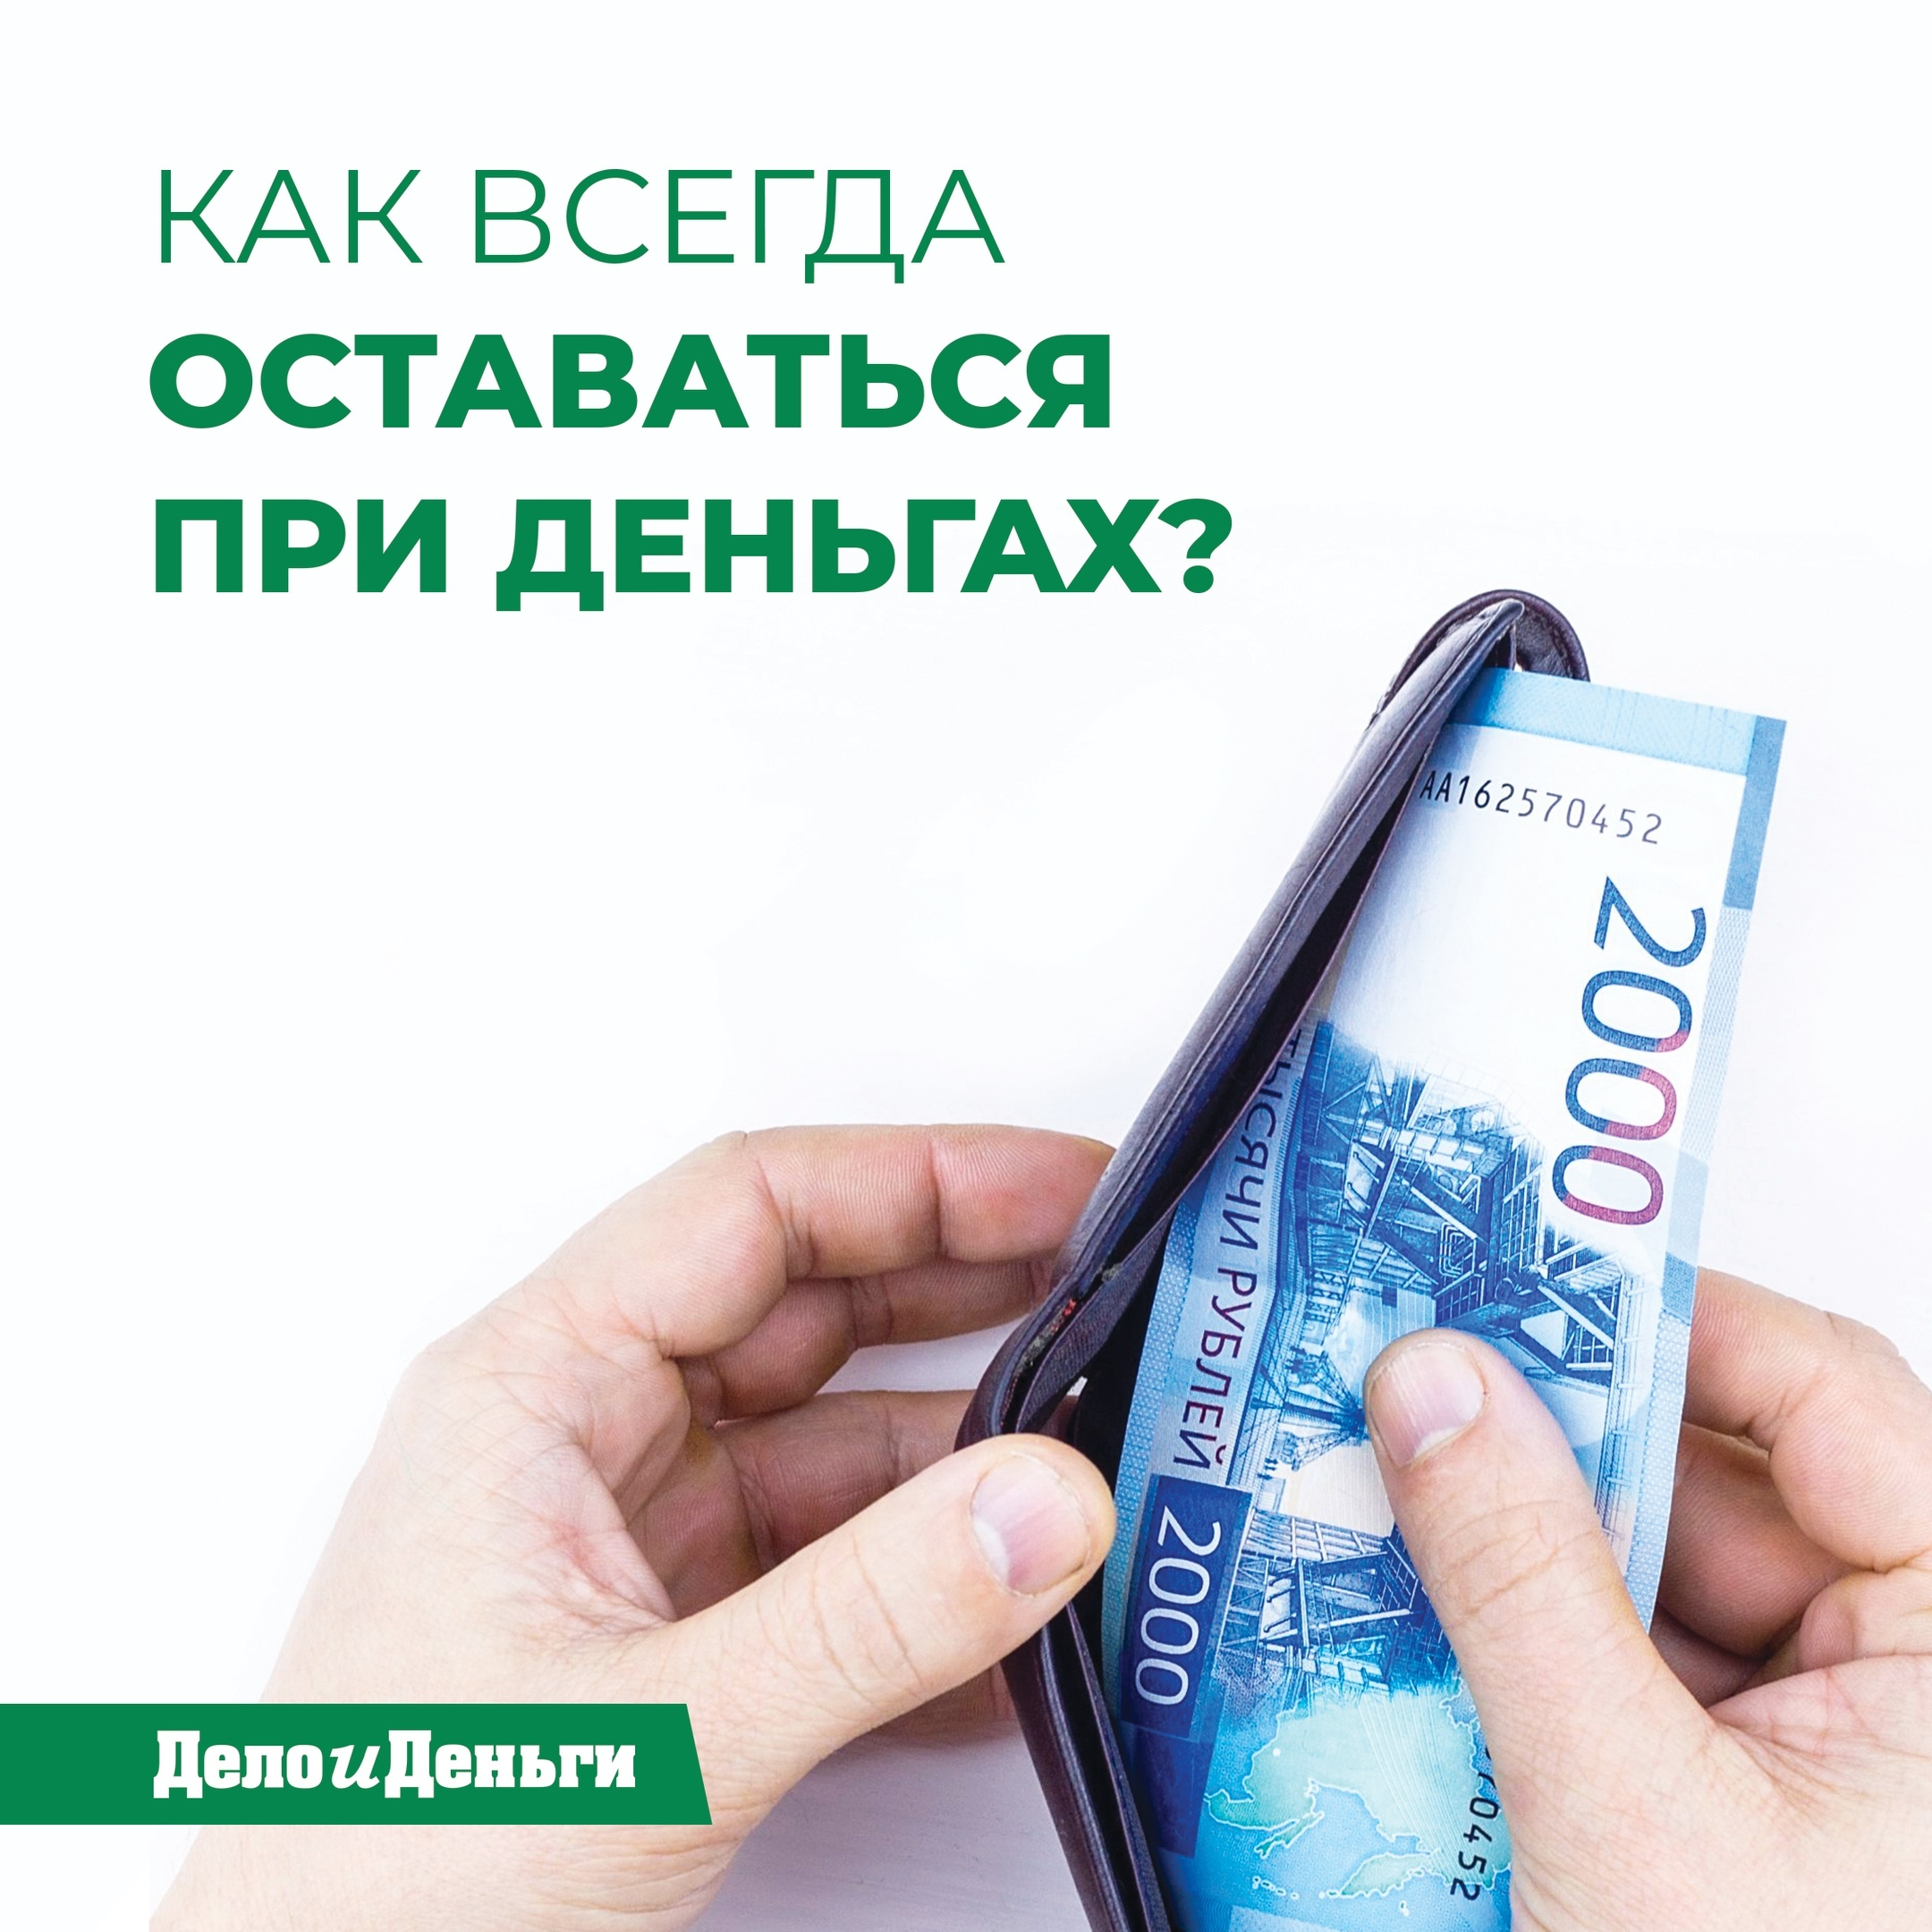 Как всегда оставаться при деньгах?